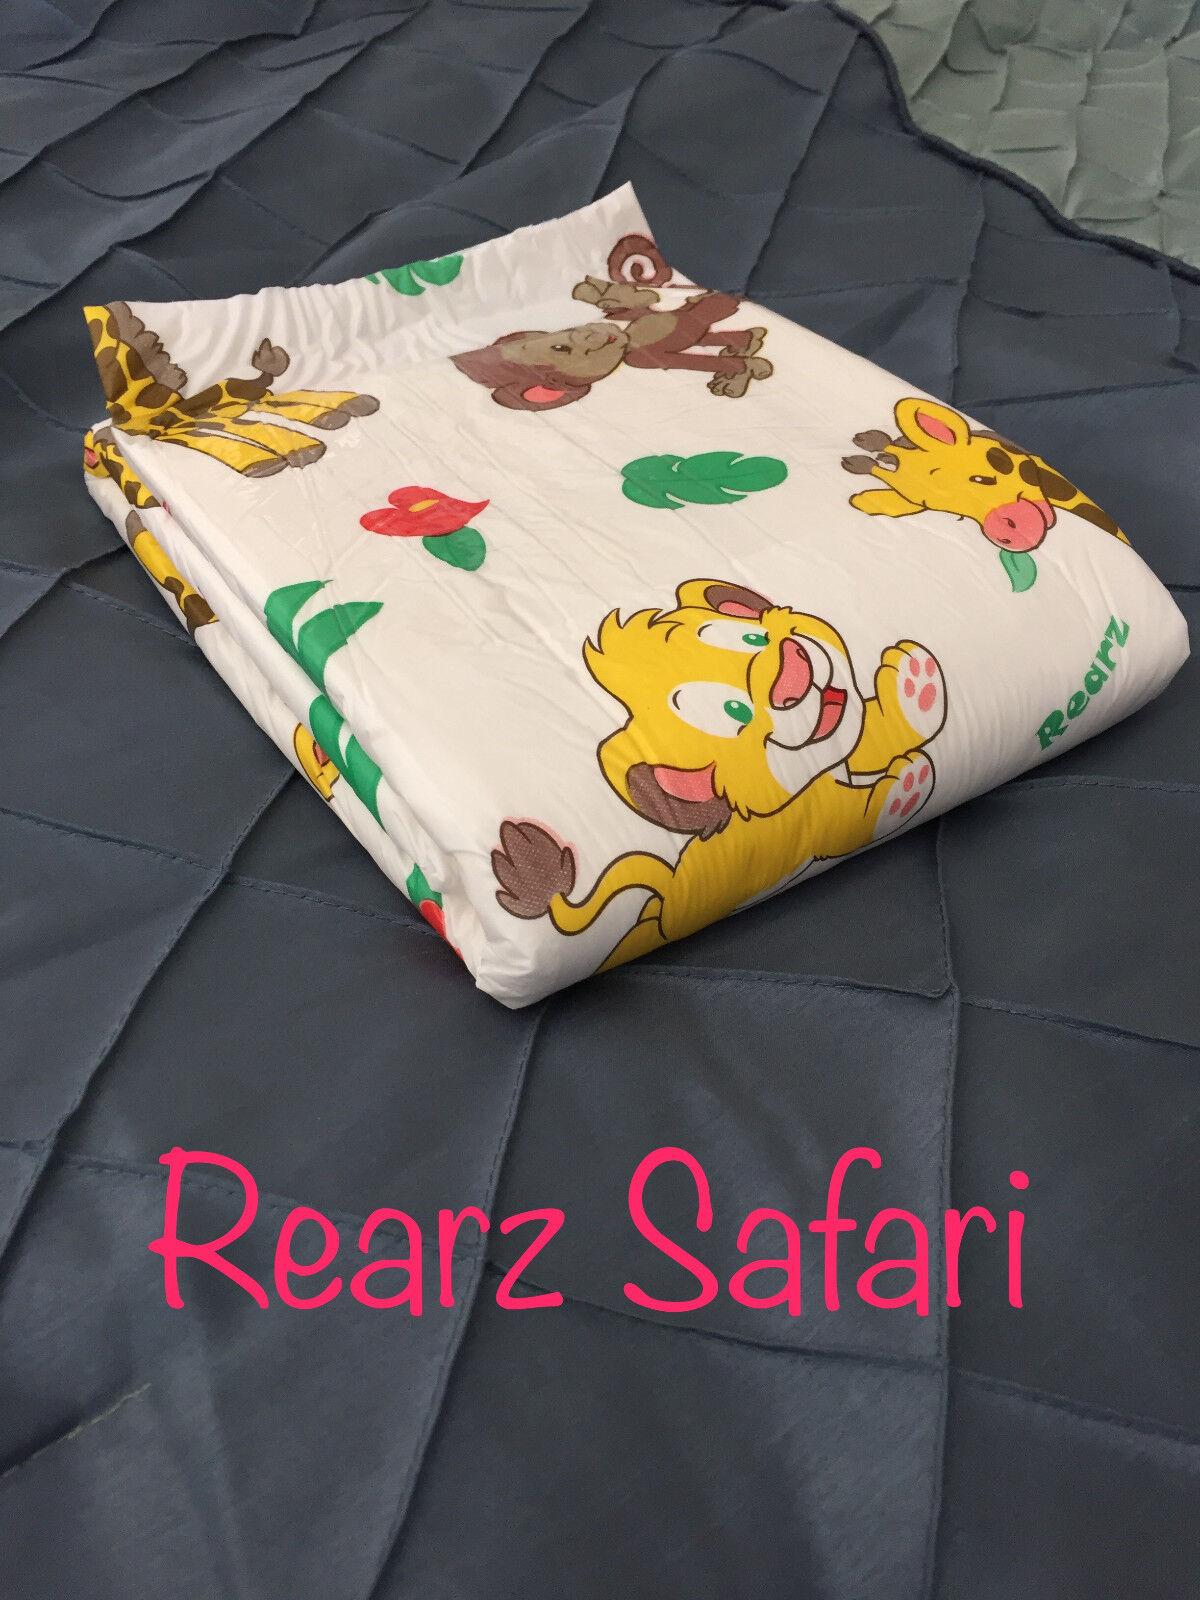 Adult Diaper Sample - Rearz Safari - Small - 2 samples